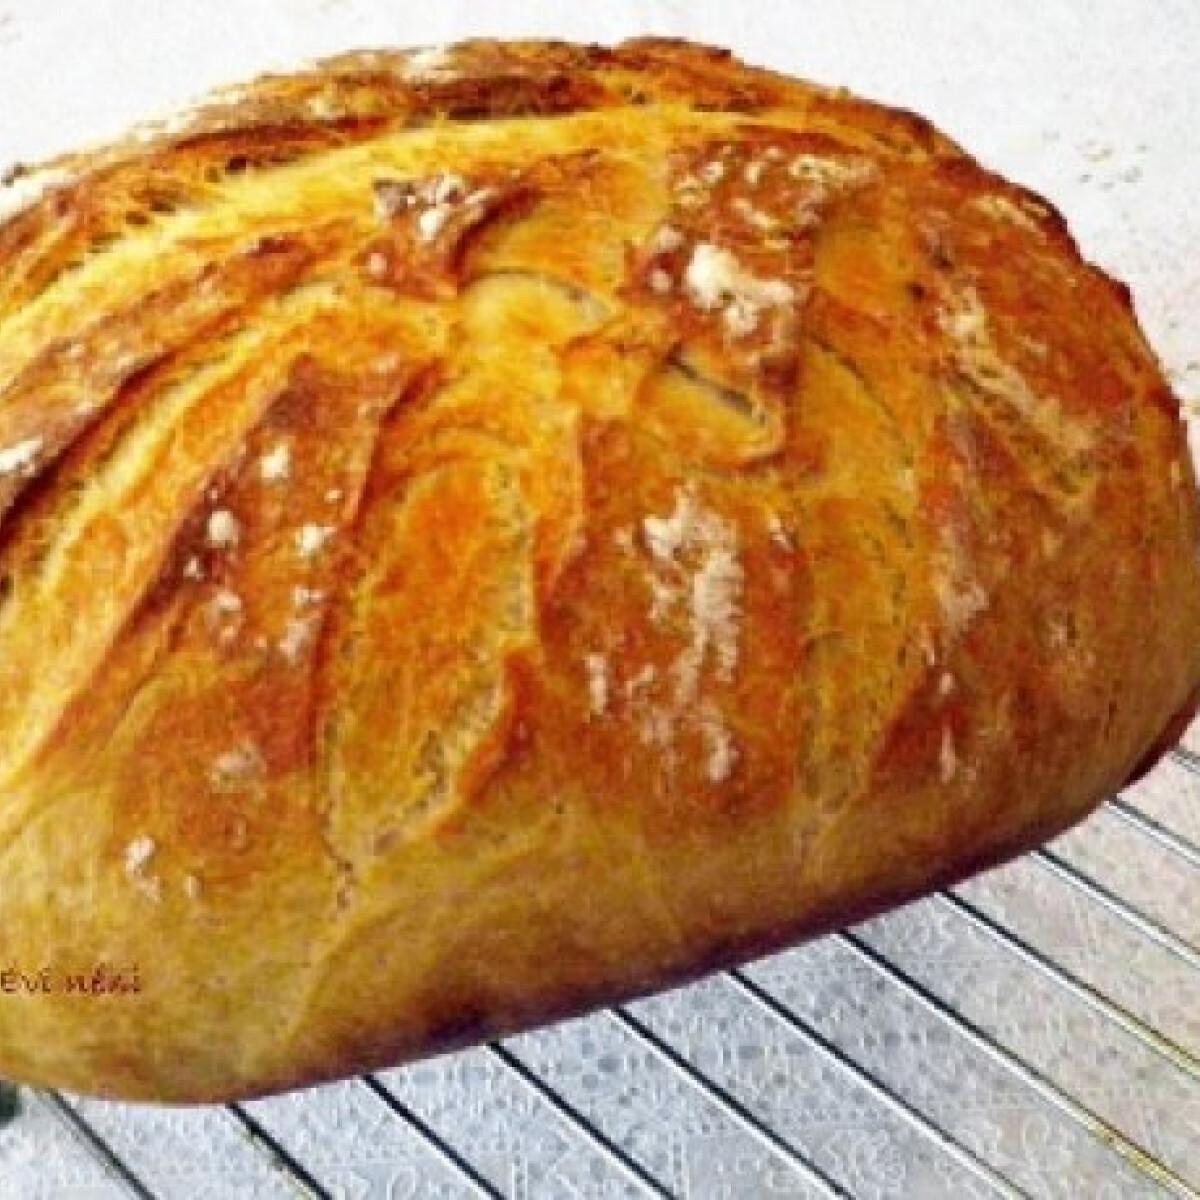 Ezen a képen: Krumplis fehér kenyér cseréptálban sütve